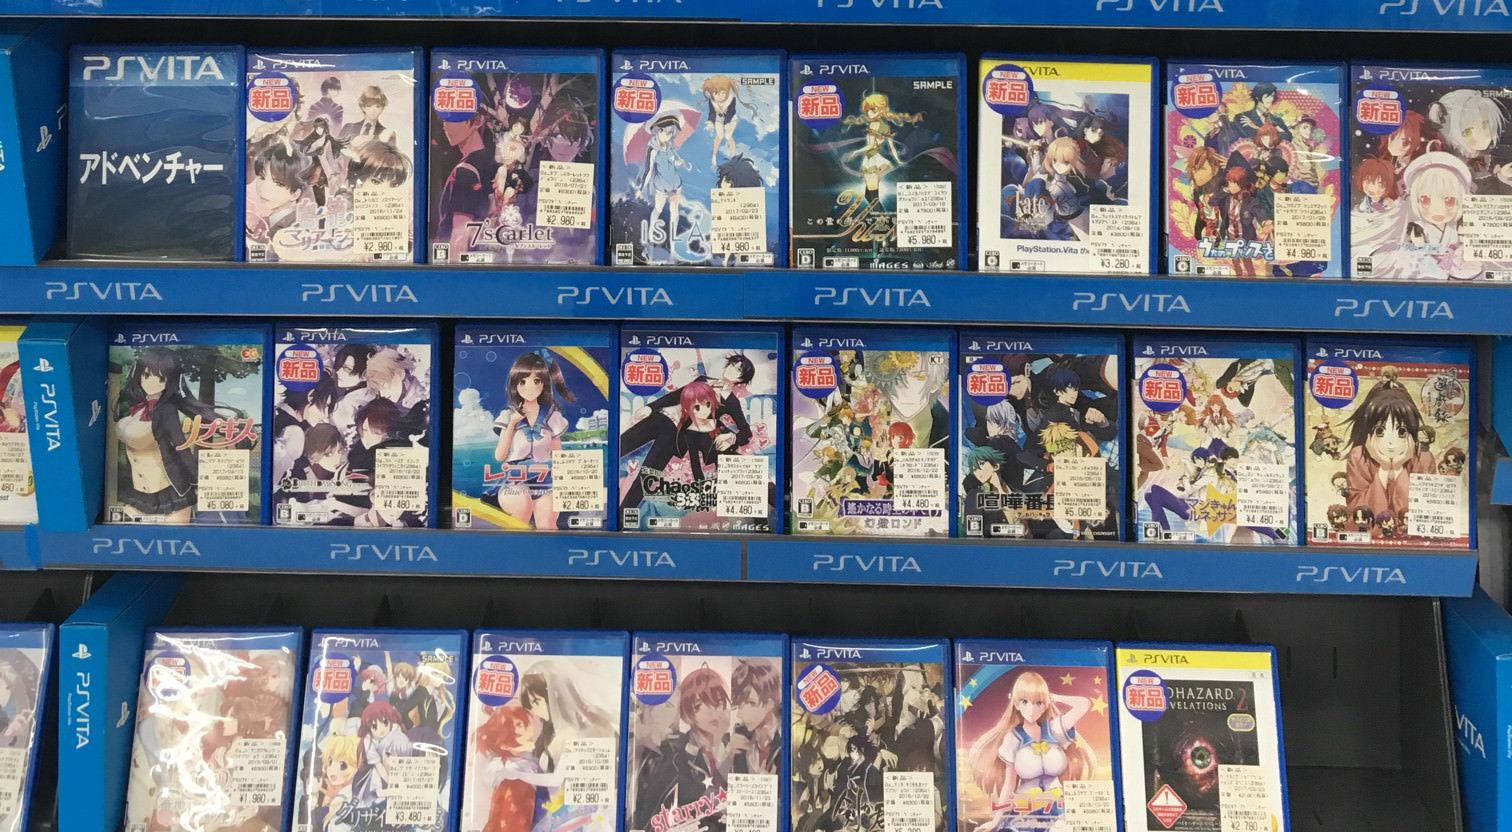 【悲報】PS VITAのゲーム売り場、やばすぎる